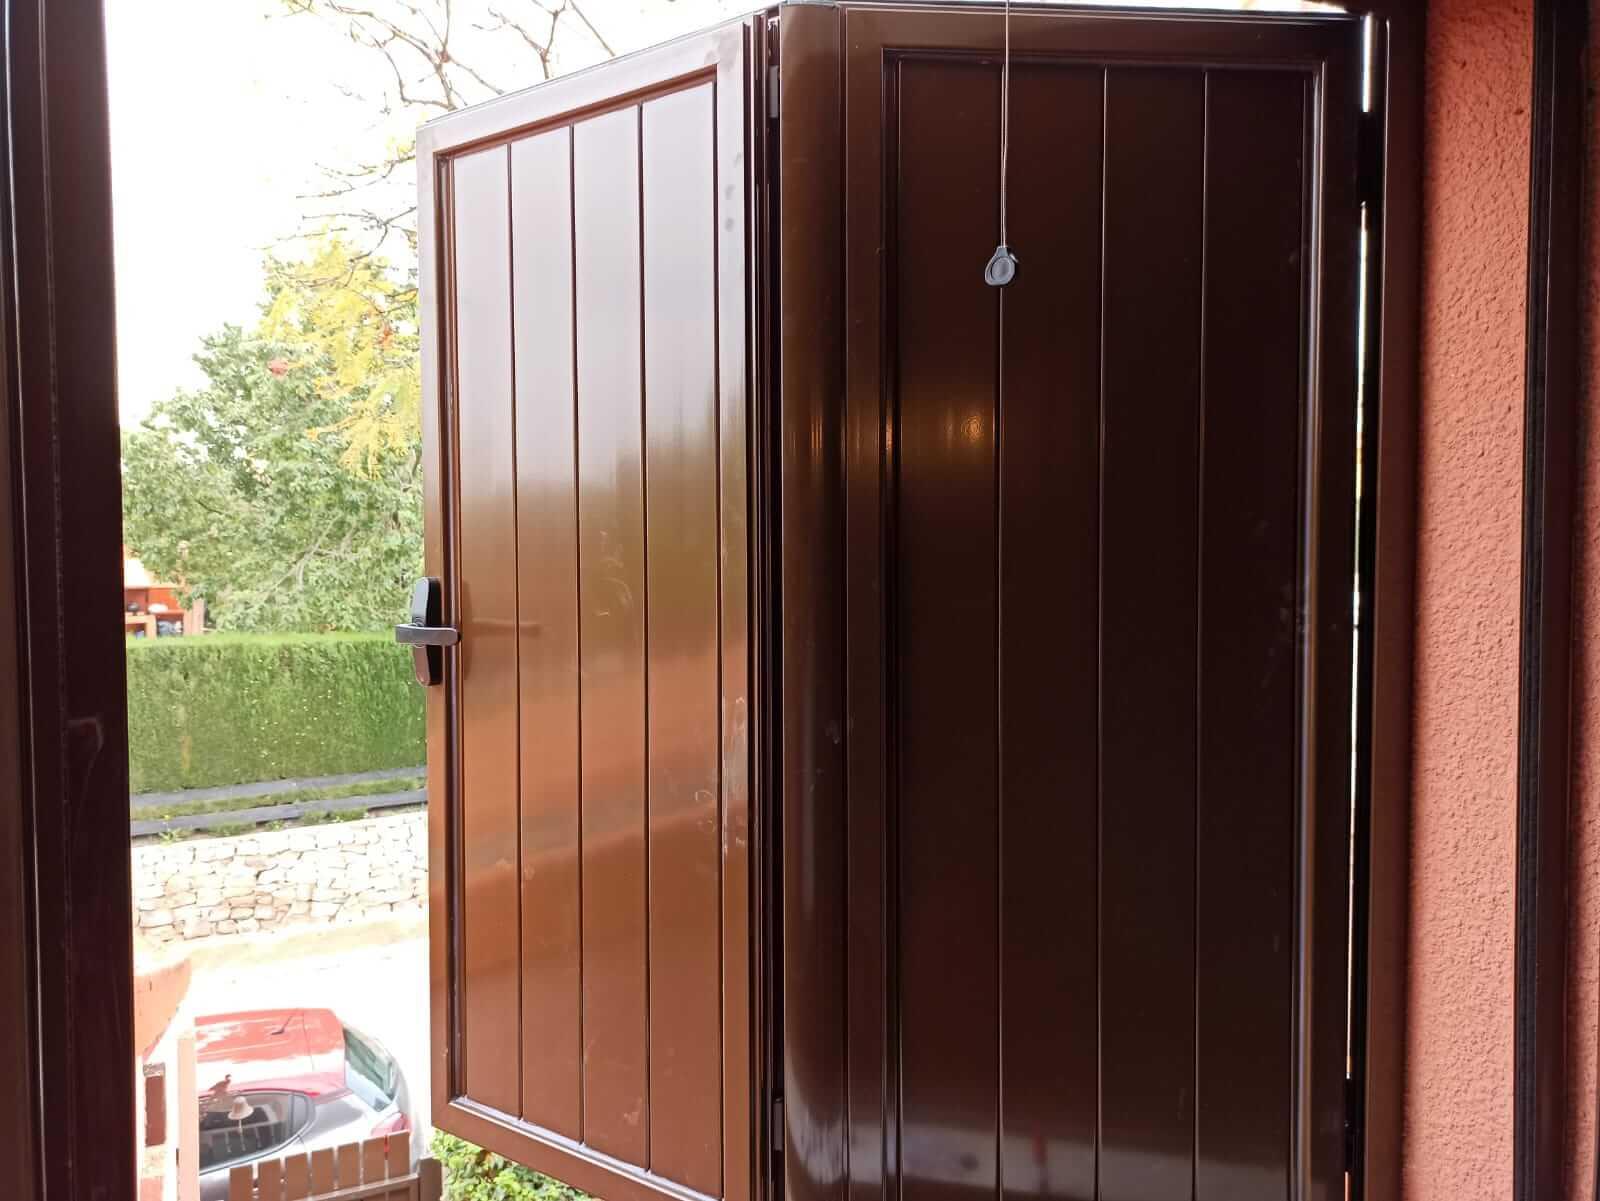 Contraventana de madera marrón de dos hojas, vista desde el interior de la vivienda plegada.